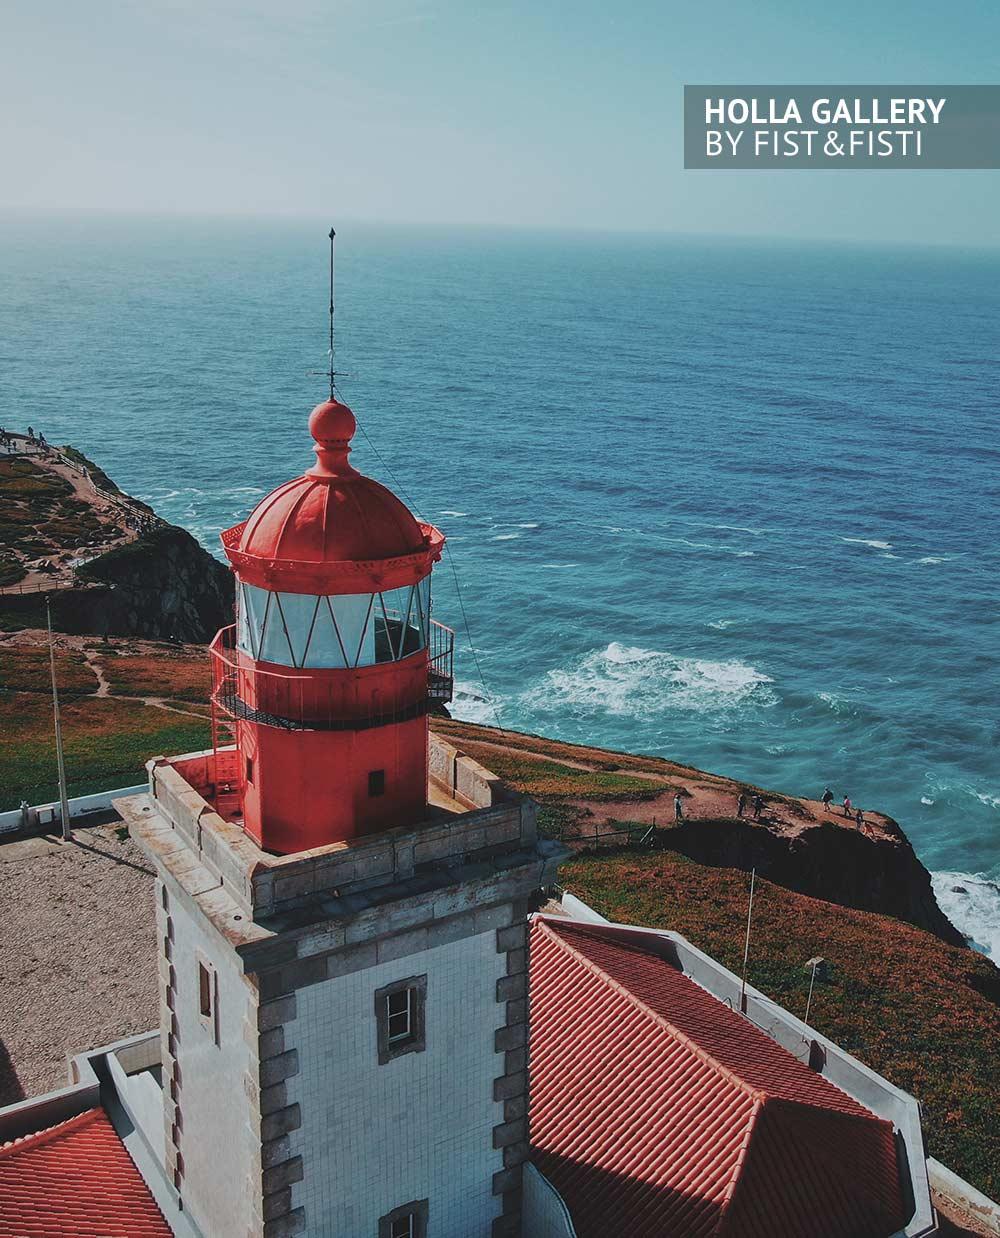 Вид сверху на маяк в Португалии. Мыс Рока и Атлантический океан. Фотография для интерьера